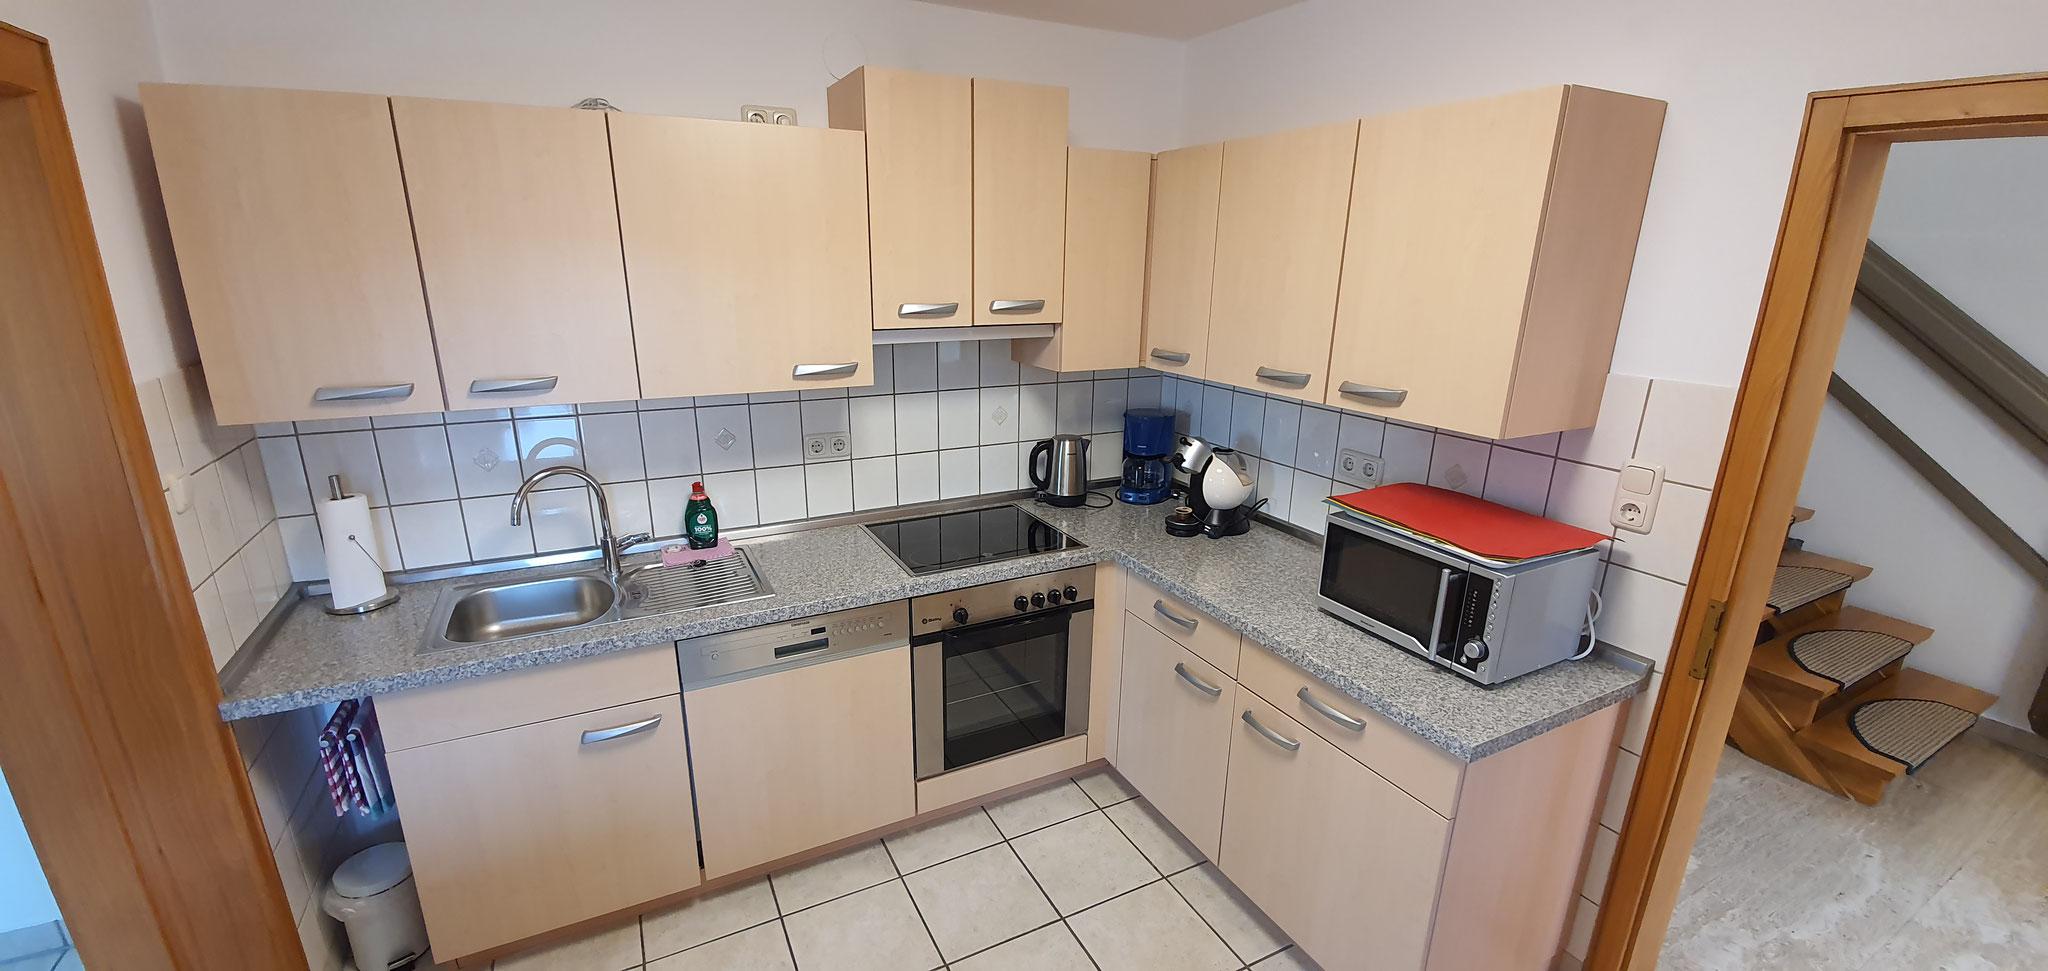 moderne Küche mit Geschirrspüler, Backofen, Kühlschrank, etc.